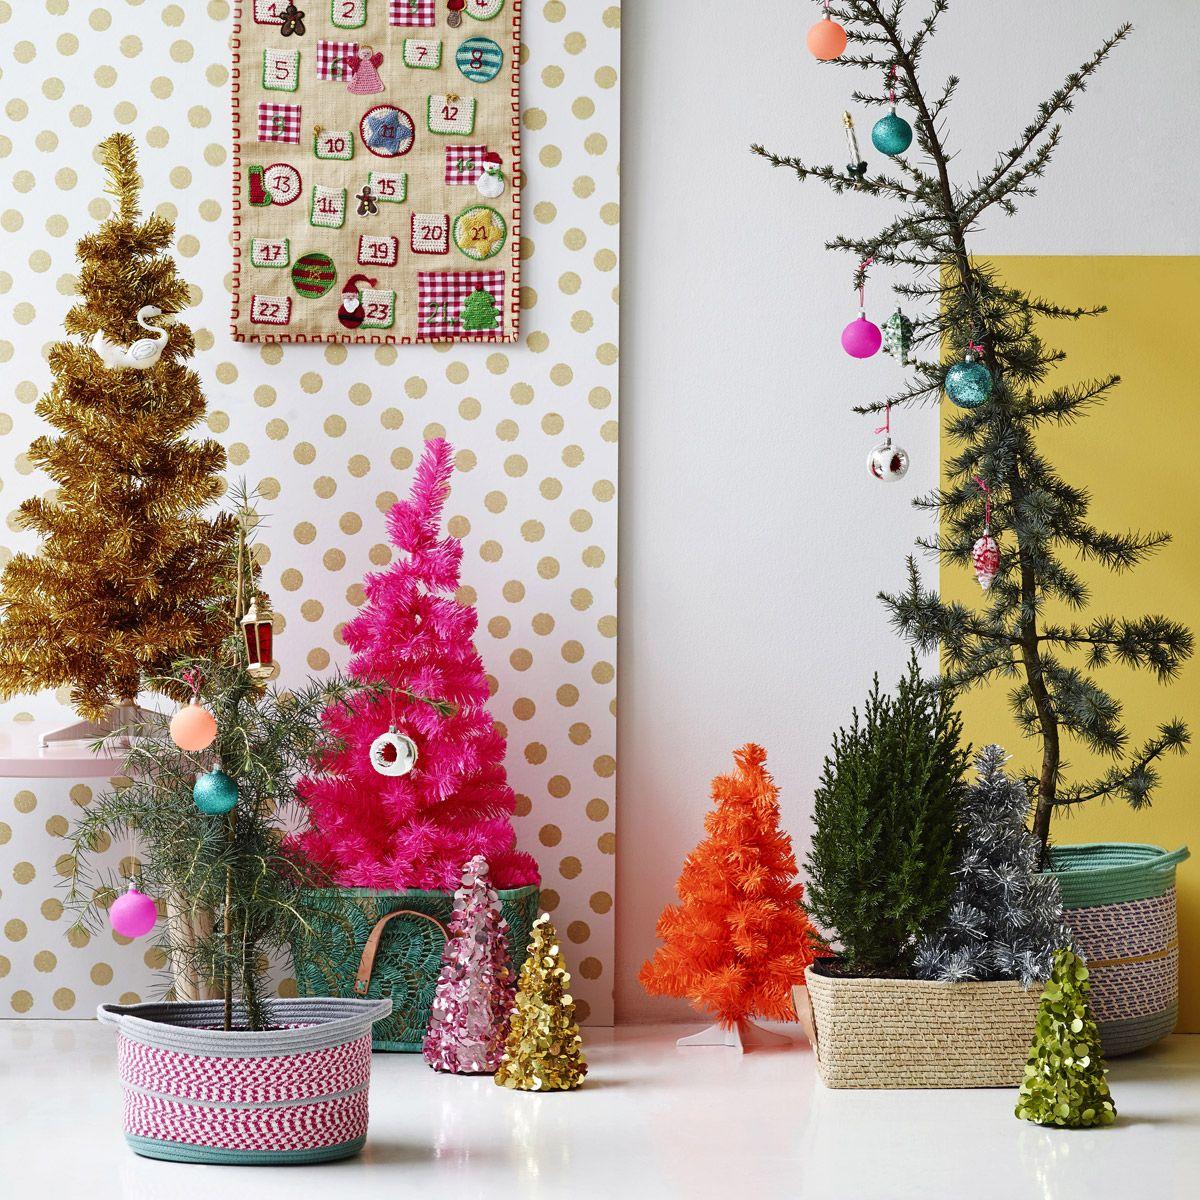 Weihnachtsbaum Rot Silber.Rice Kleiner Deko Weihnachtsbaum Rot Silber Weihnachtliche